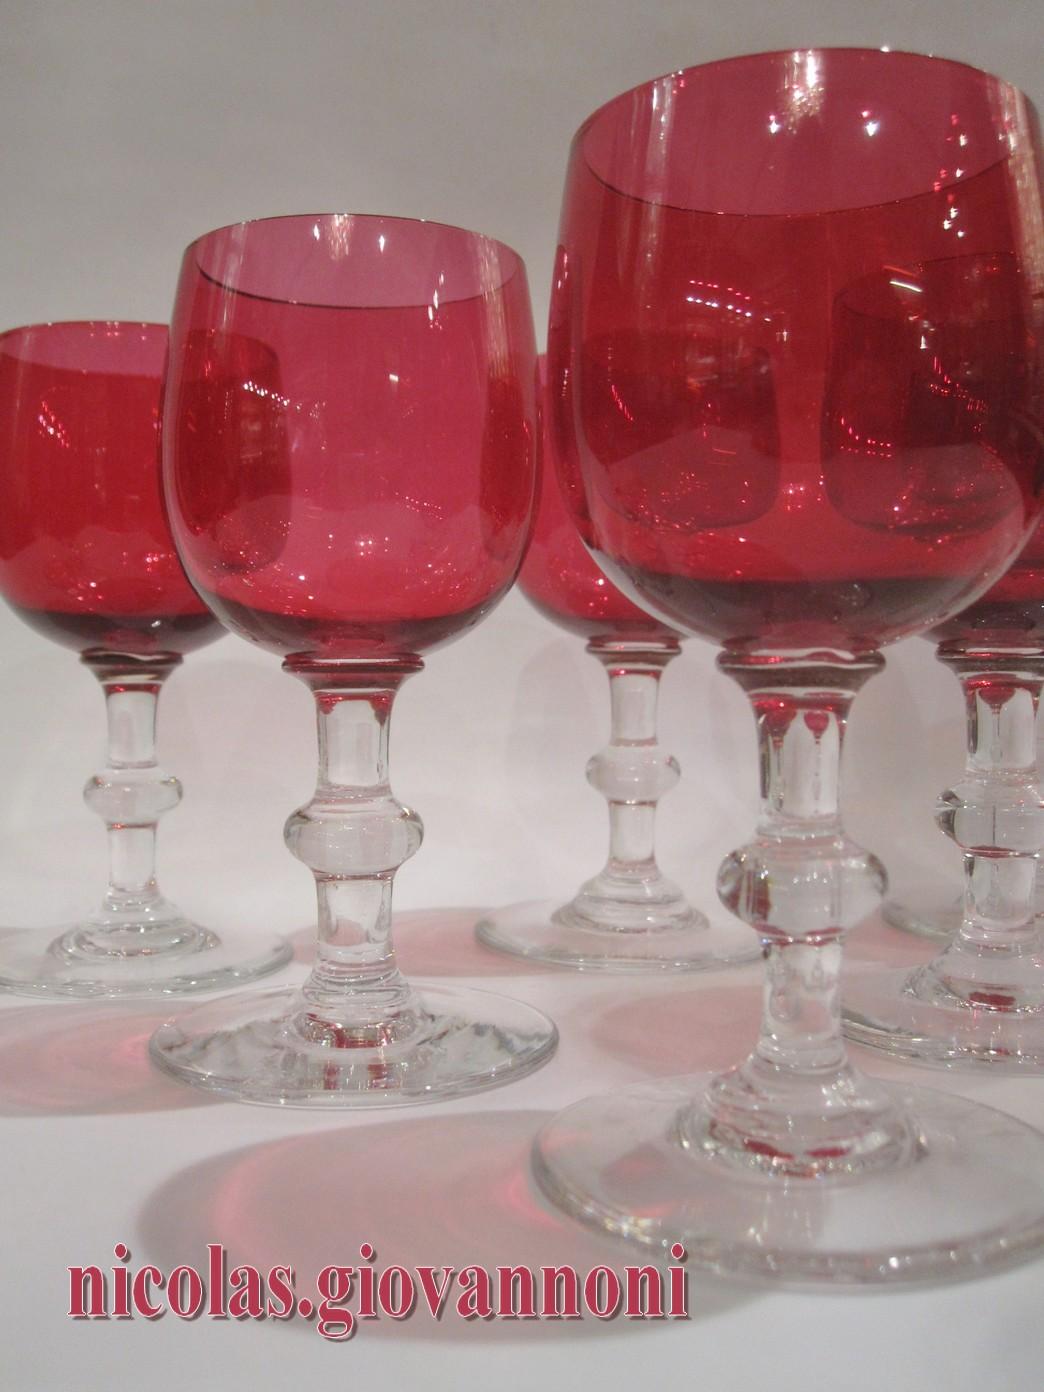 8 Verres Vin Blanc Cristal Rouge BACCARAT Cristal